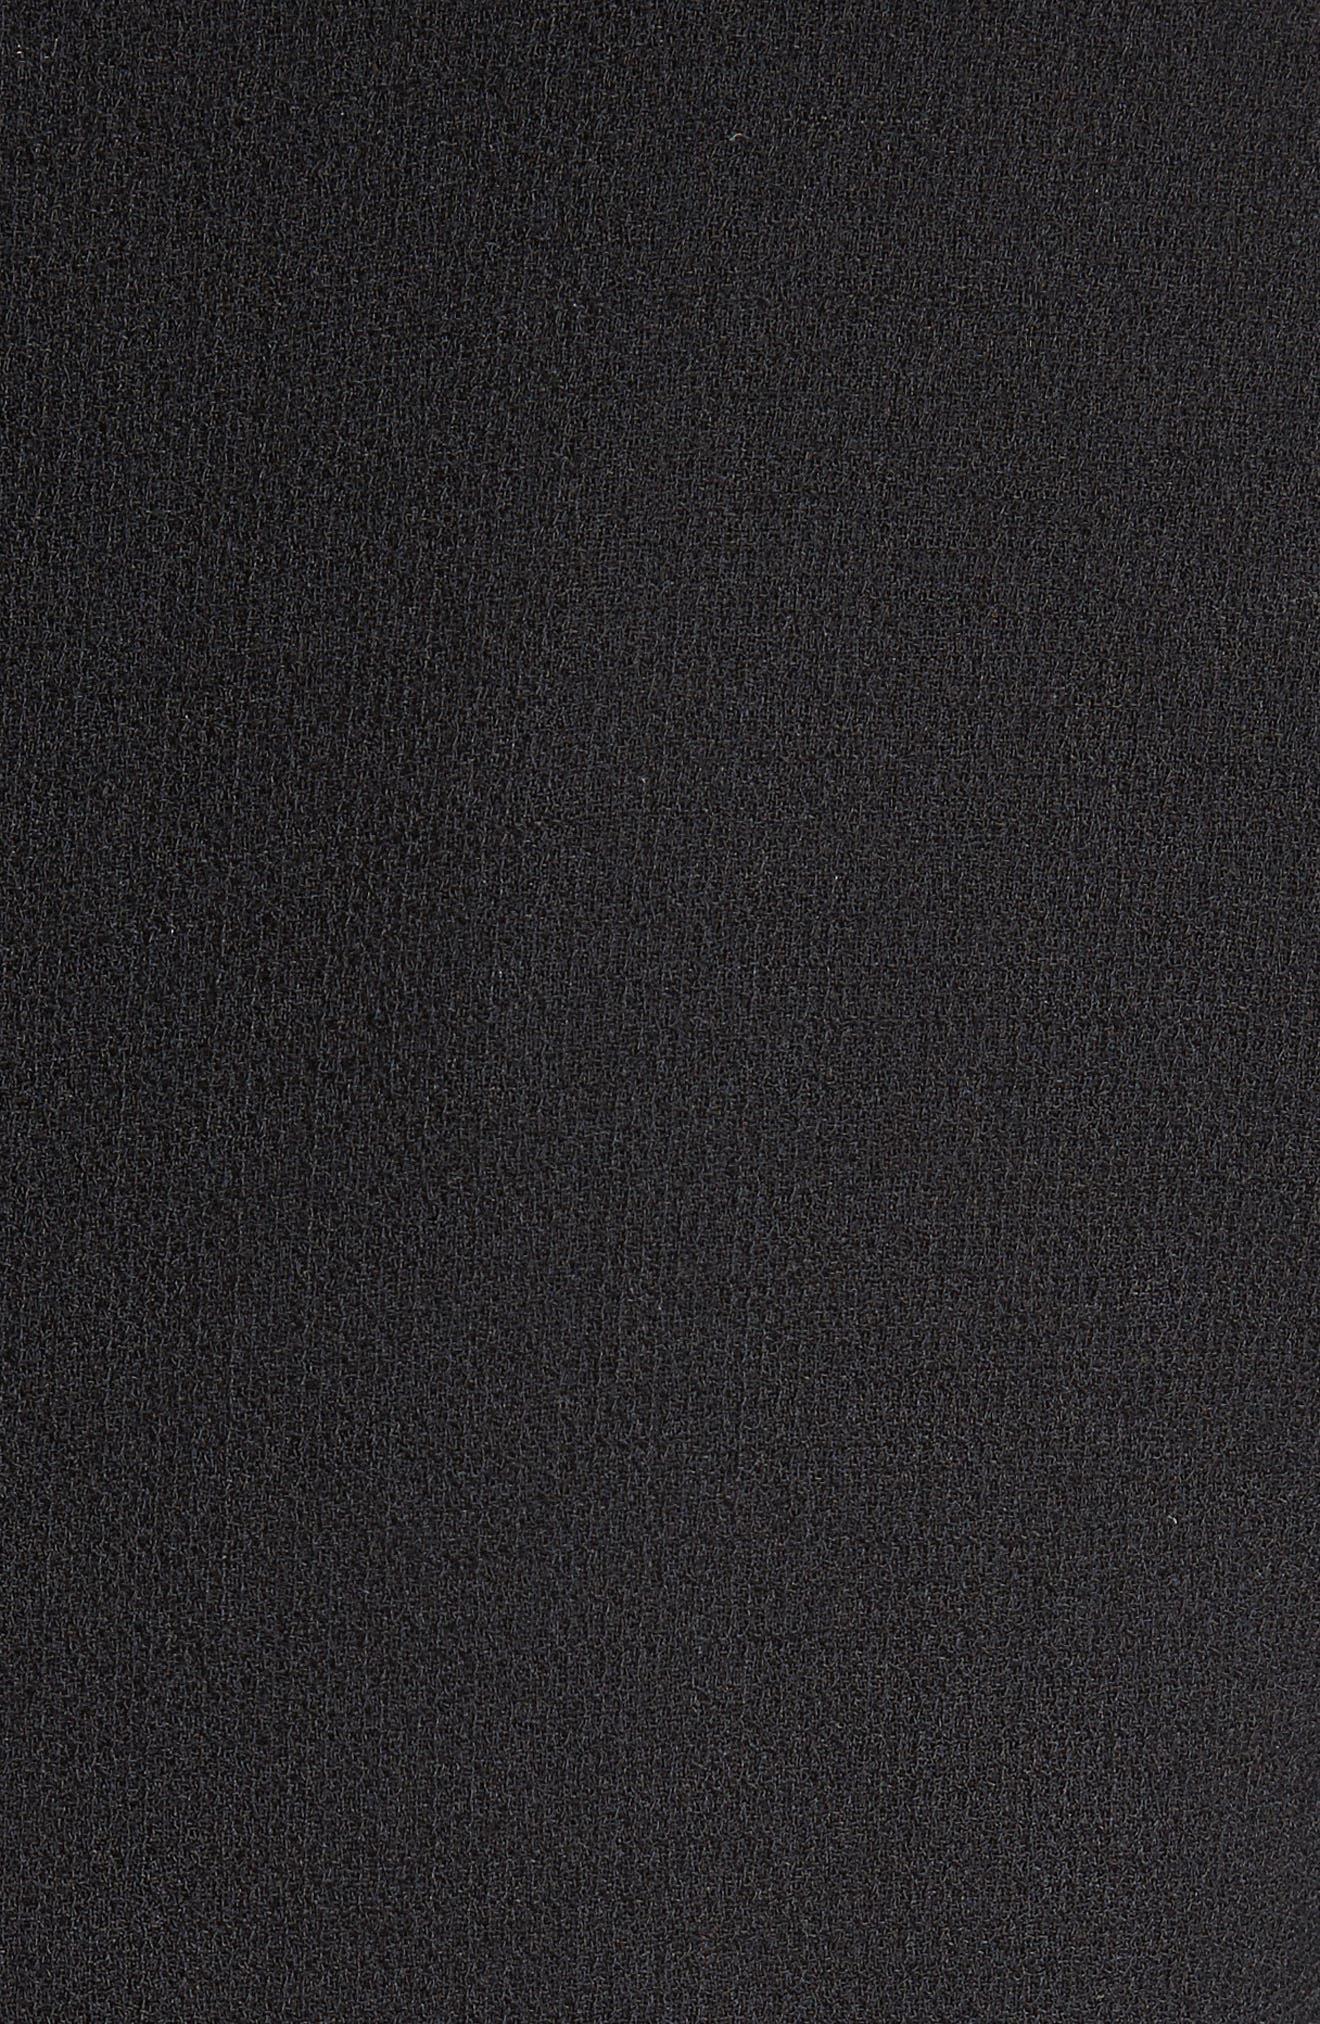 Pompom Trim Double Face Crepe Dress,                             Alternate thumbnail 6, color,                             001